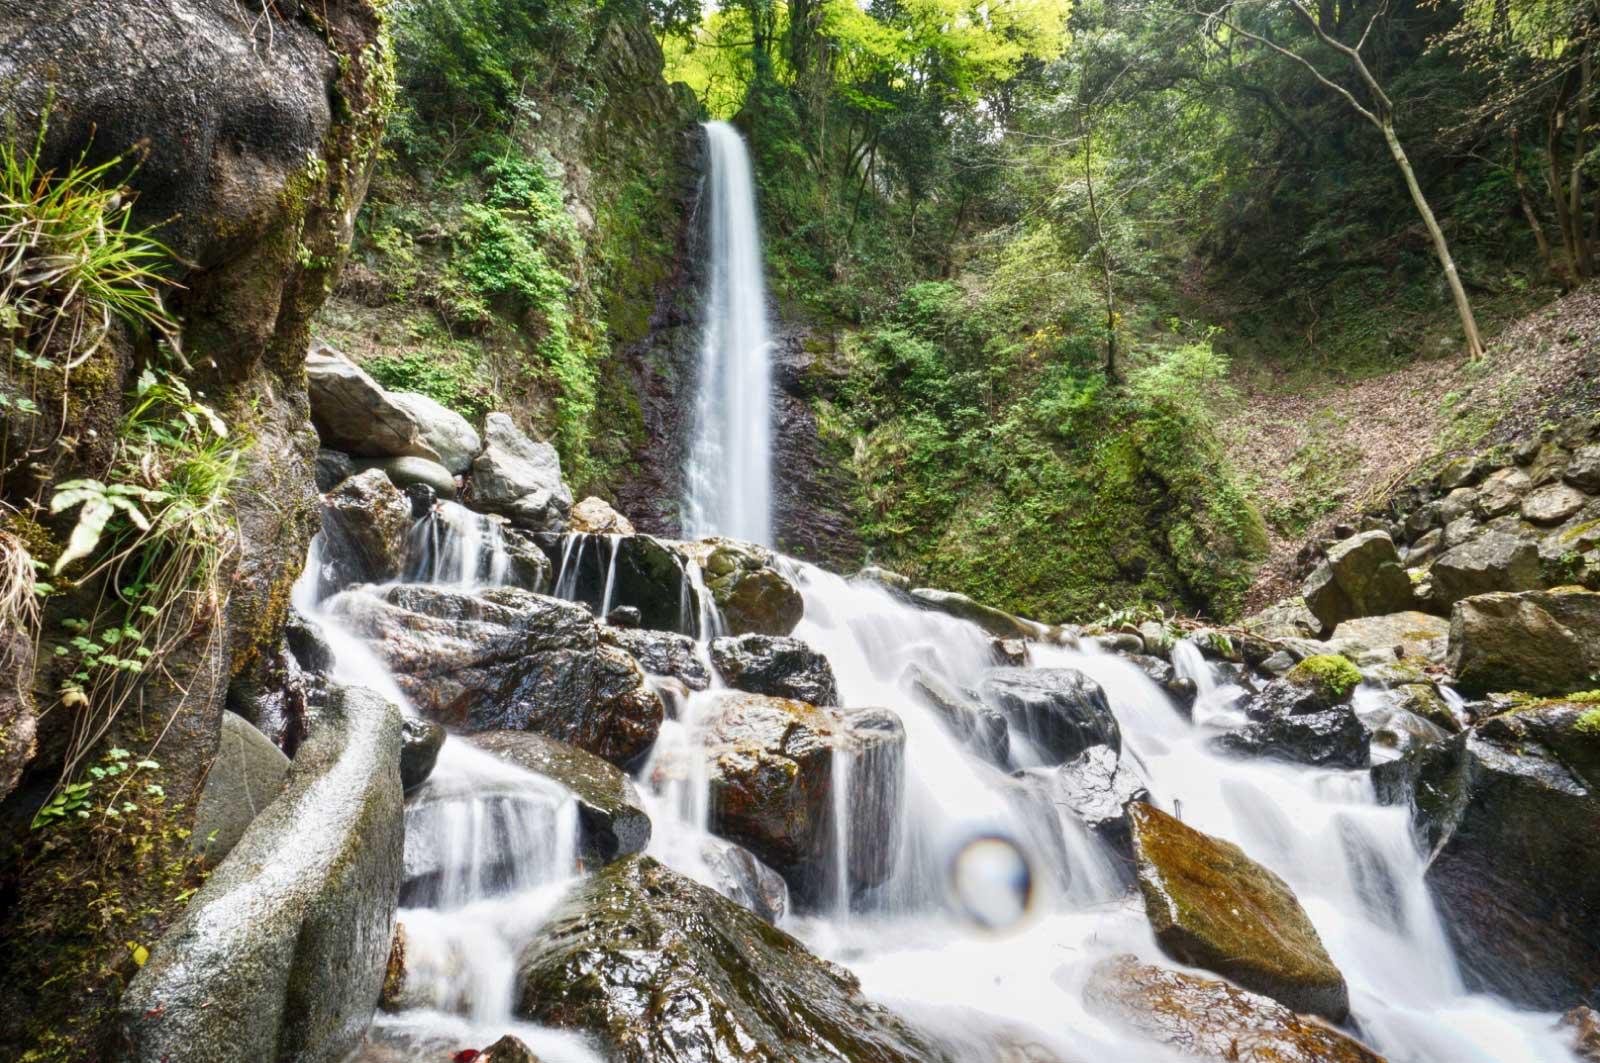 流れ落ちる滝とその周囲の自然の雰囲気が非常にきれい